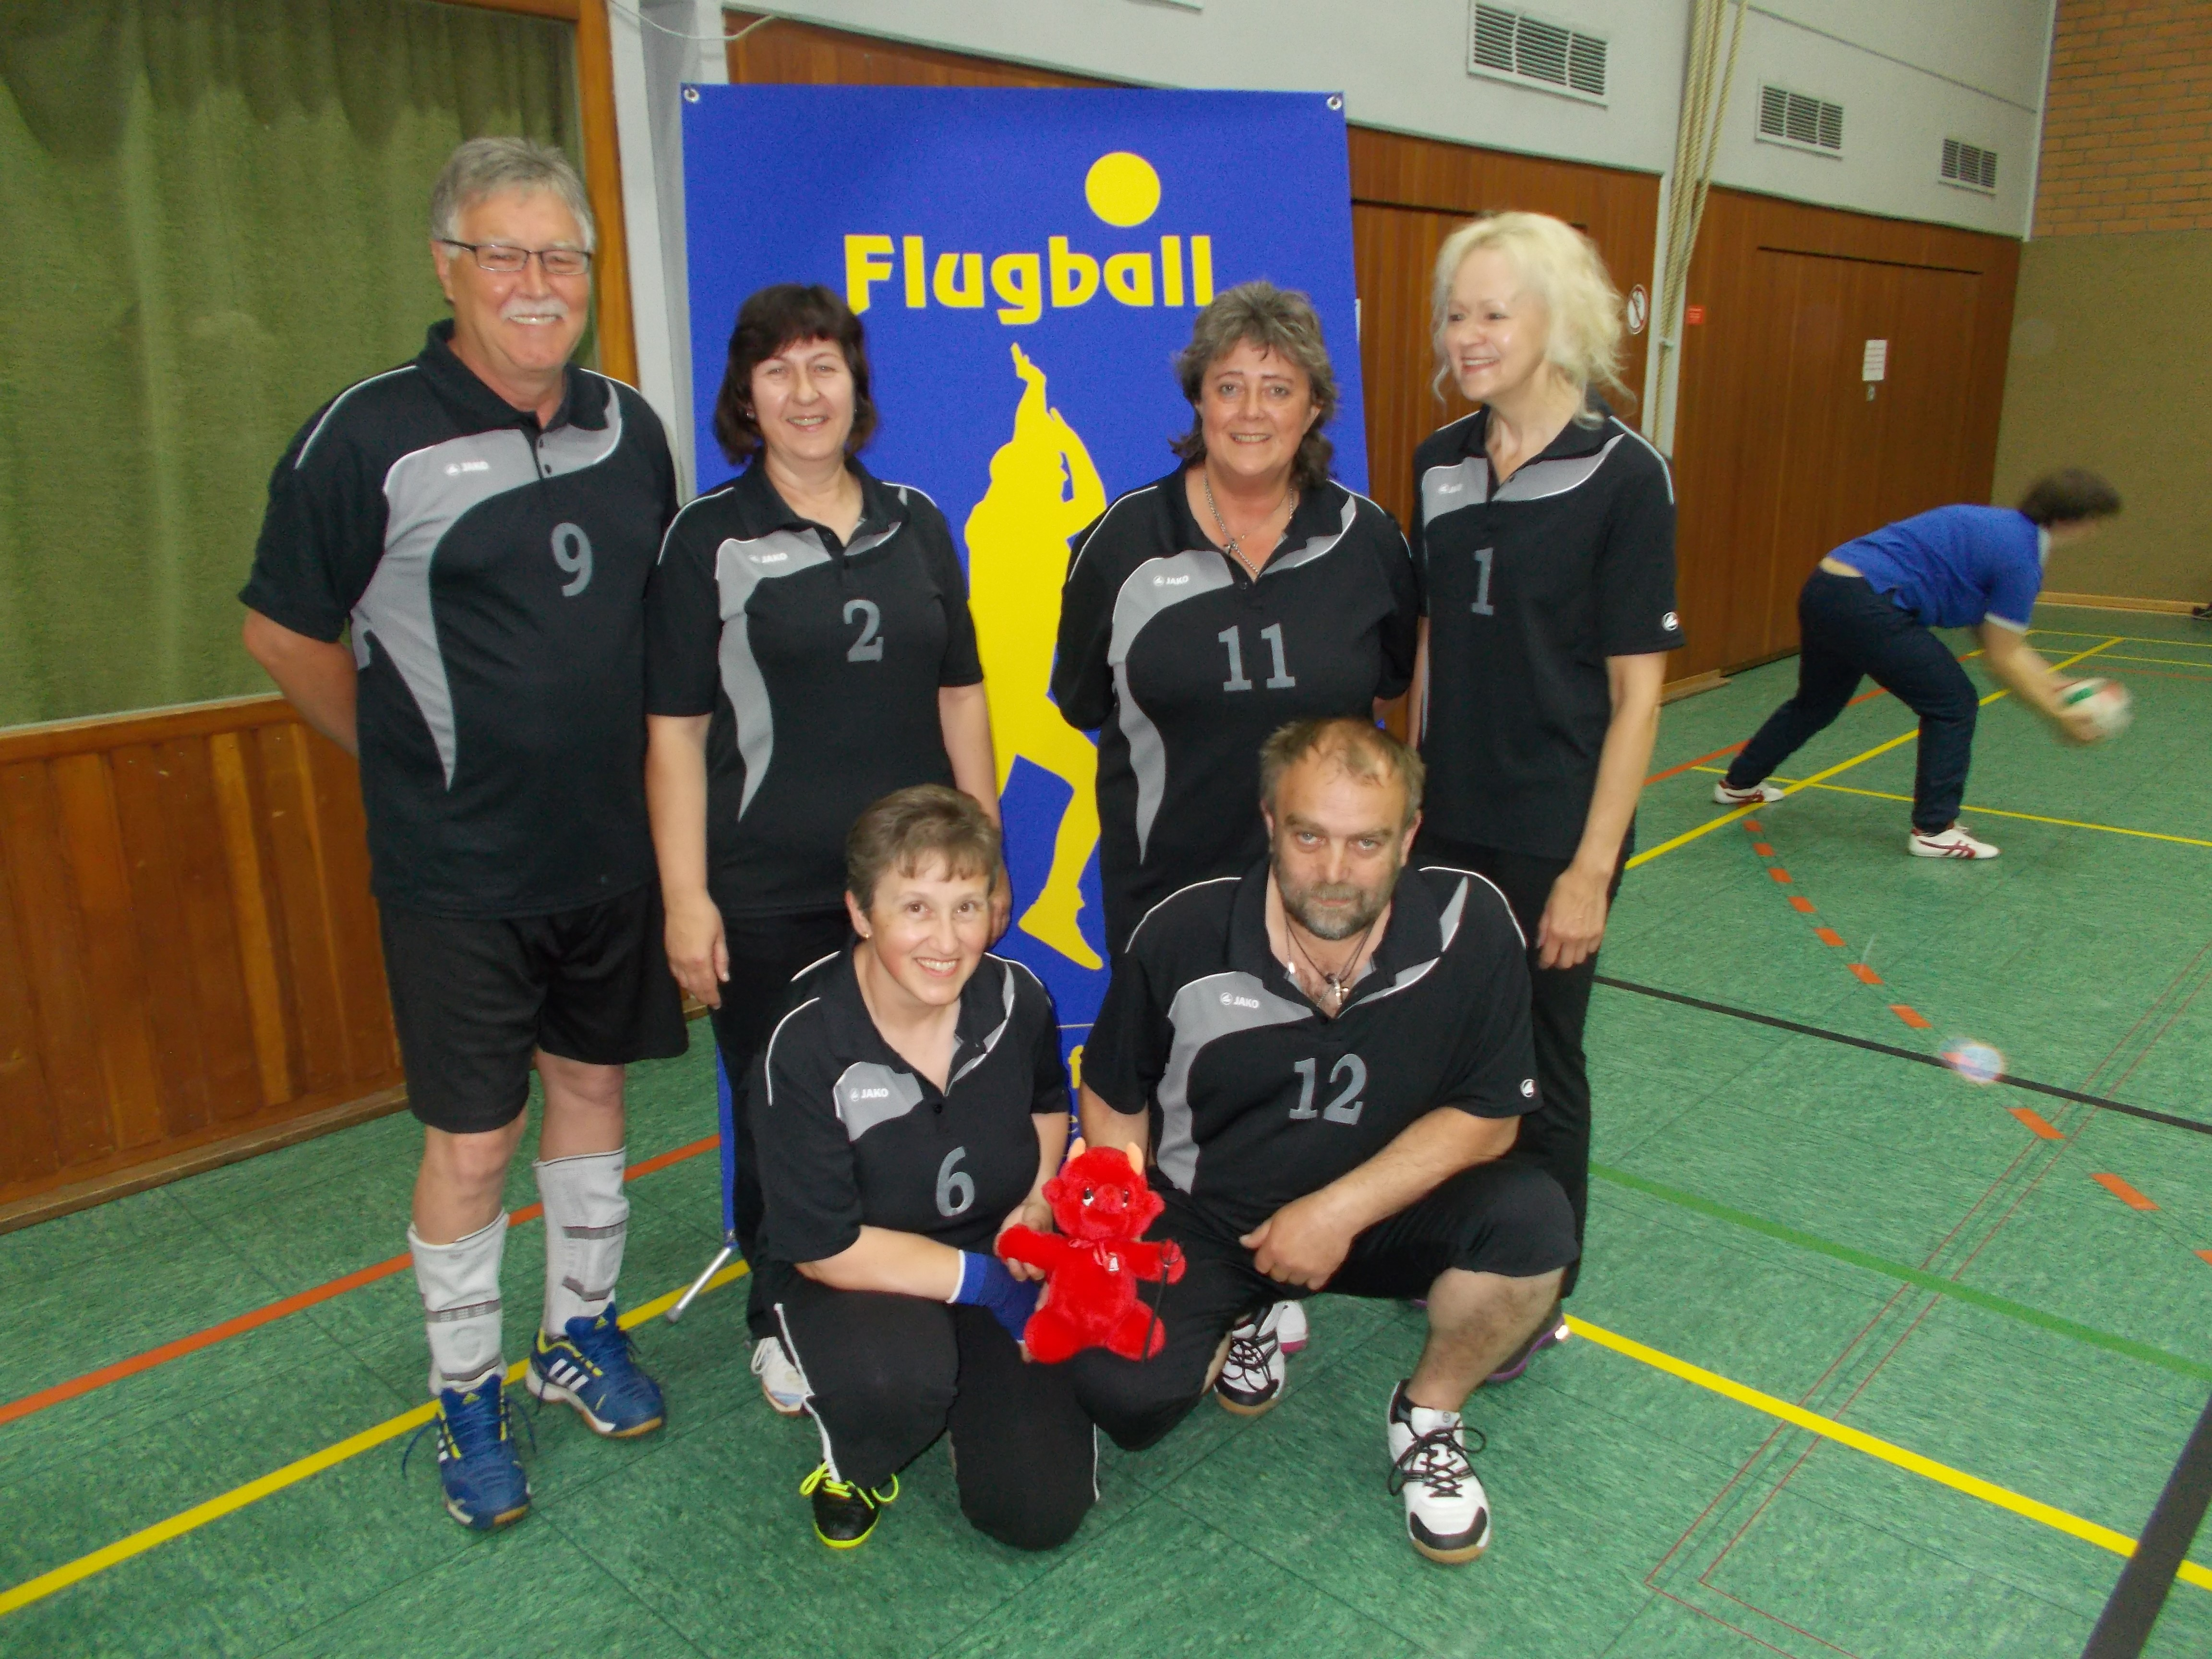 Bild von links Oben: Flierl Rainer, Baumann Gerda,       Hunsperger Evelyn, Spitzner Anita Bild von links unten: Kraus Brigitte, Hunsperger Wolfgang